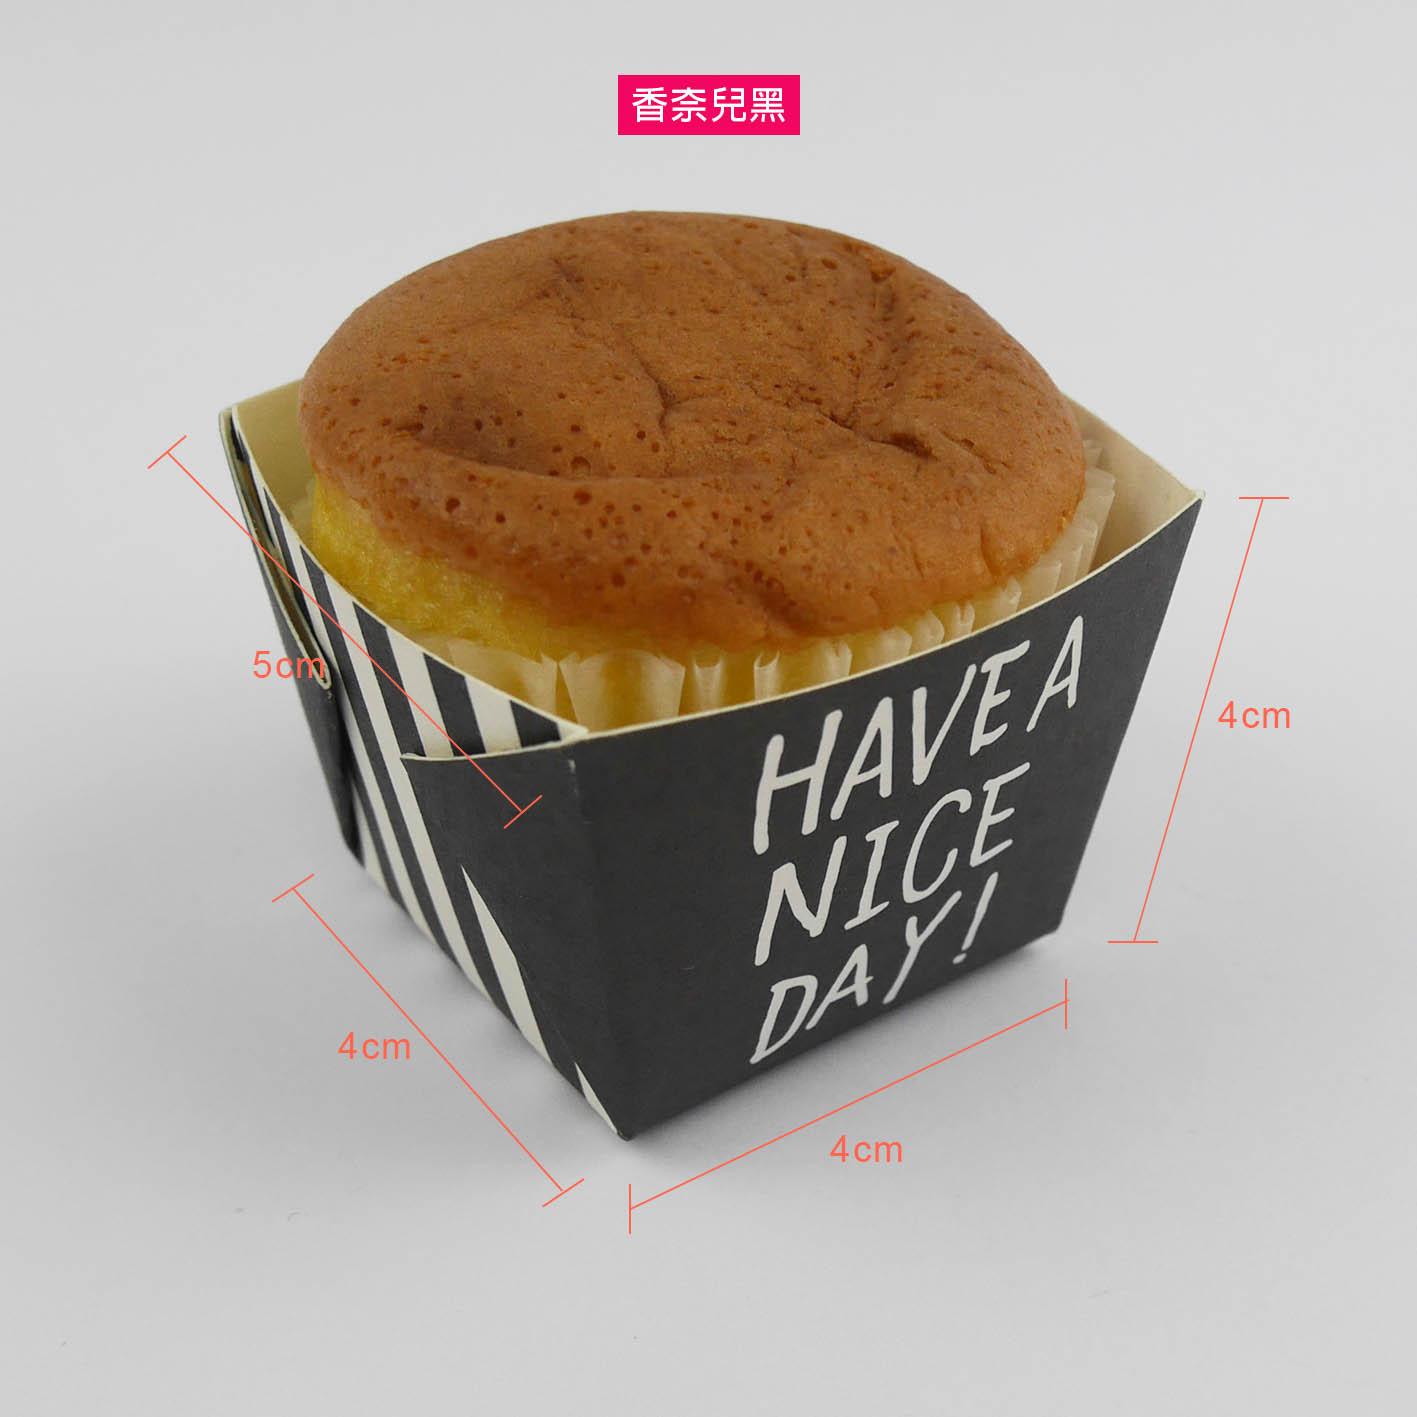 《袋袋相傳》A14 烘焙包裝-威風蛋糕小方杯3.jpg